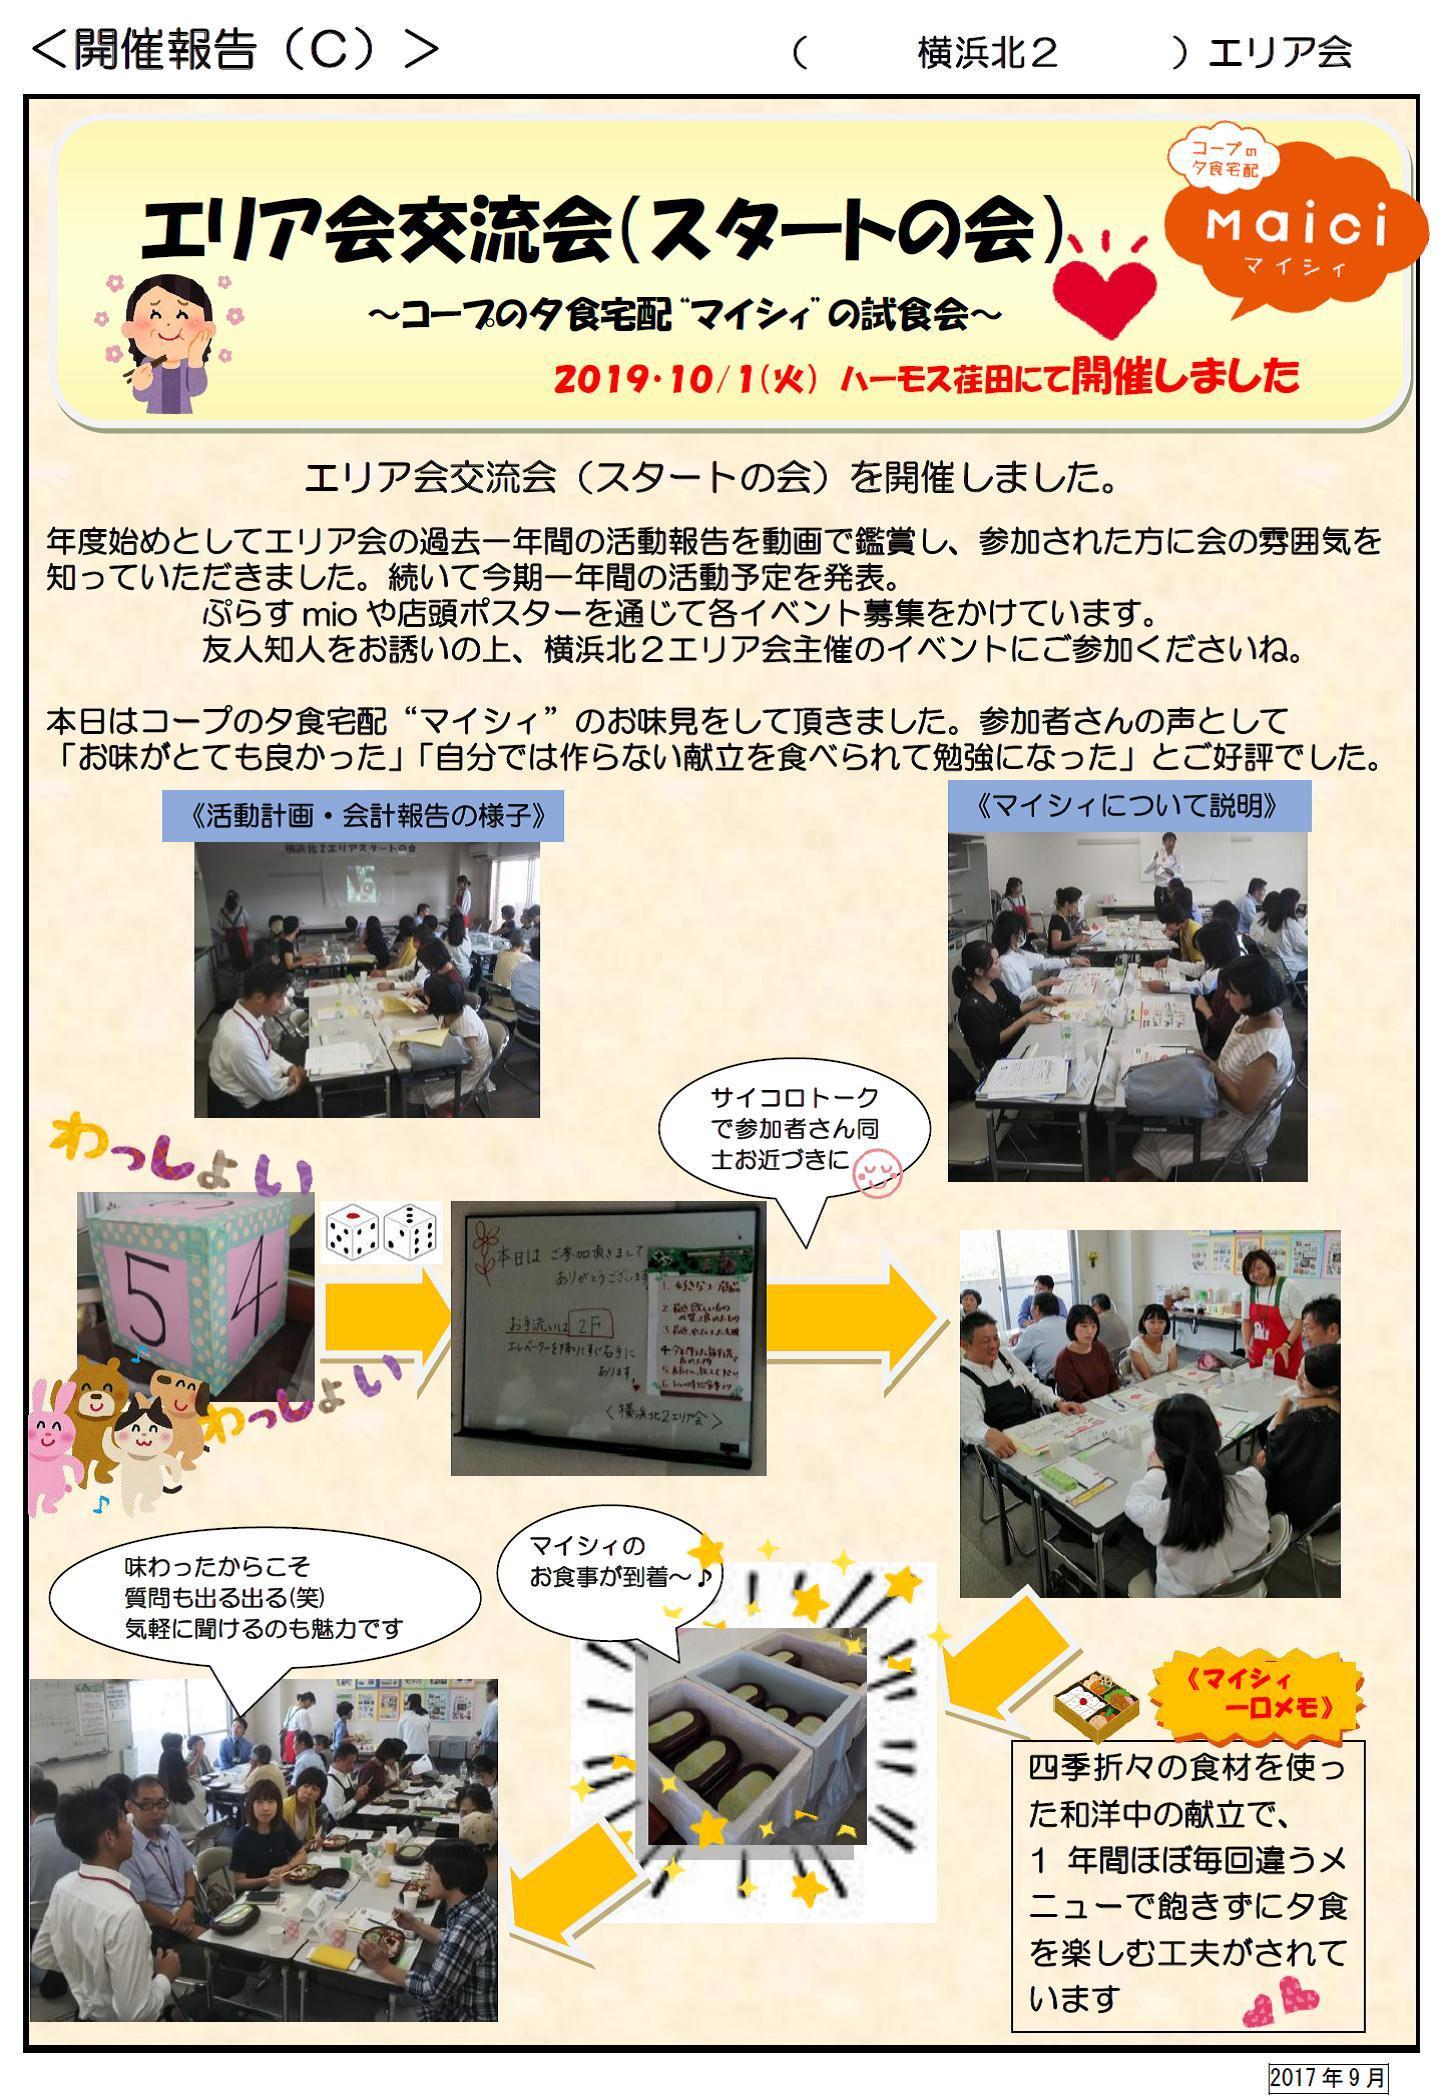 https://kanagawa.ucoop.or.jp/hiroba/areanews/files/20191001start_kai.jpg